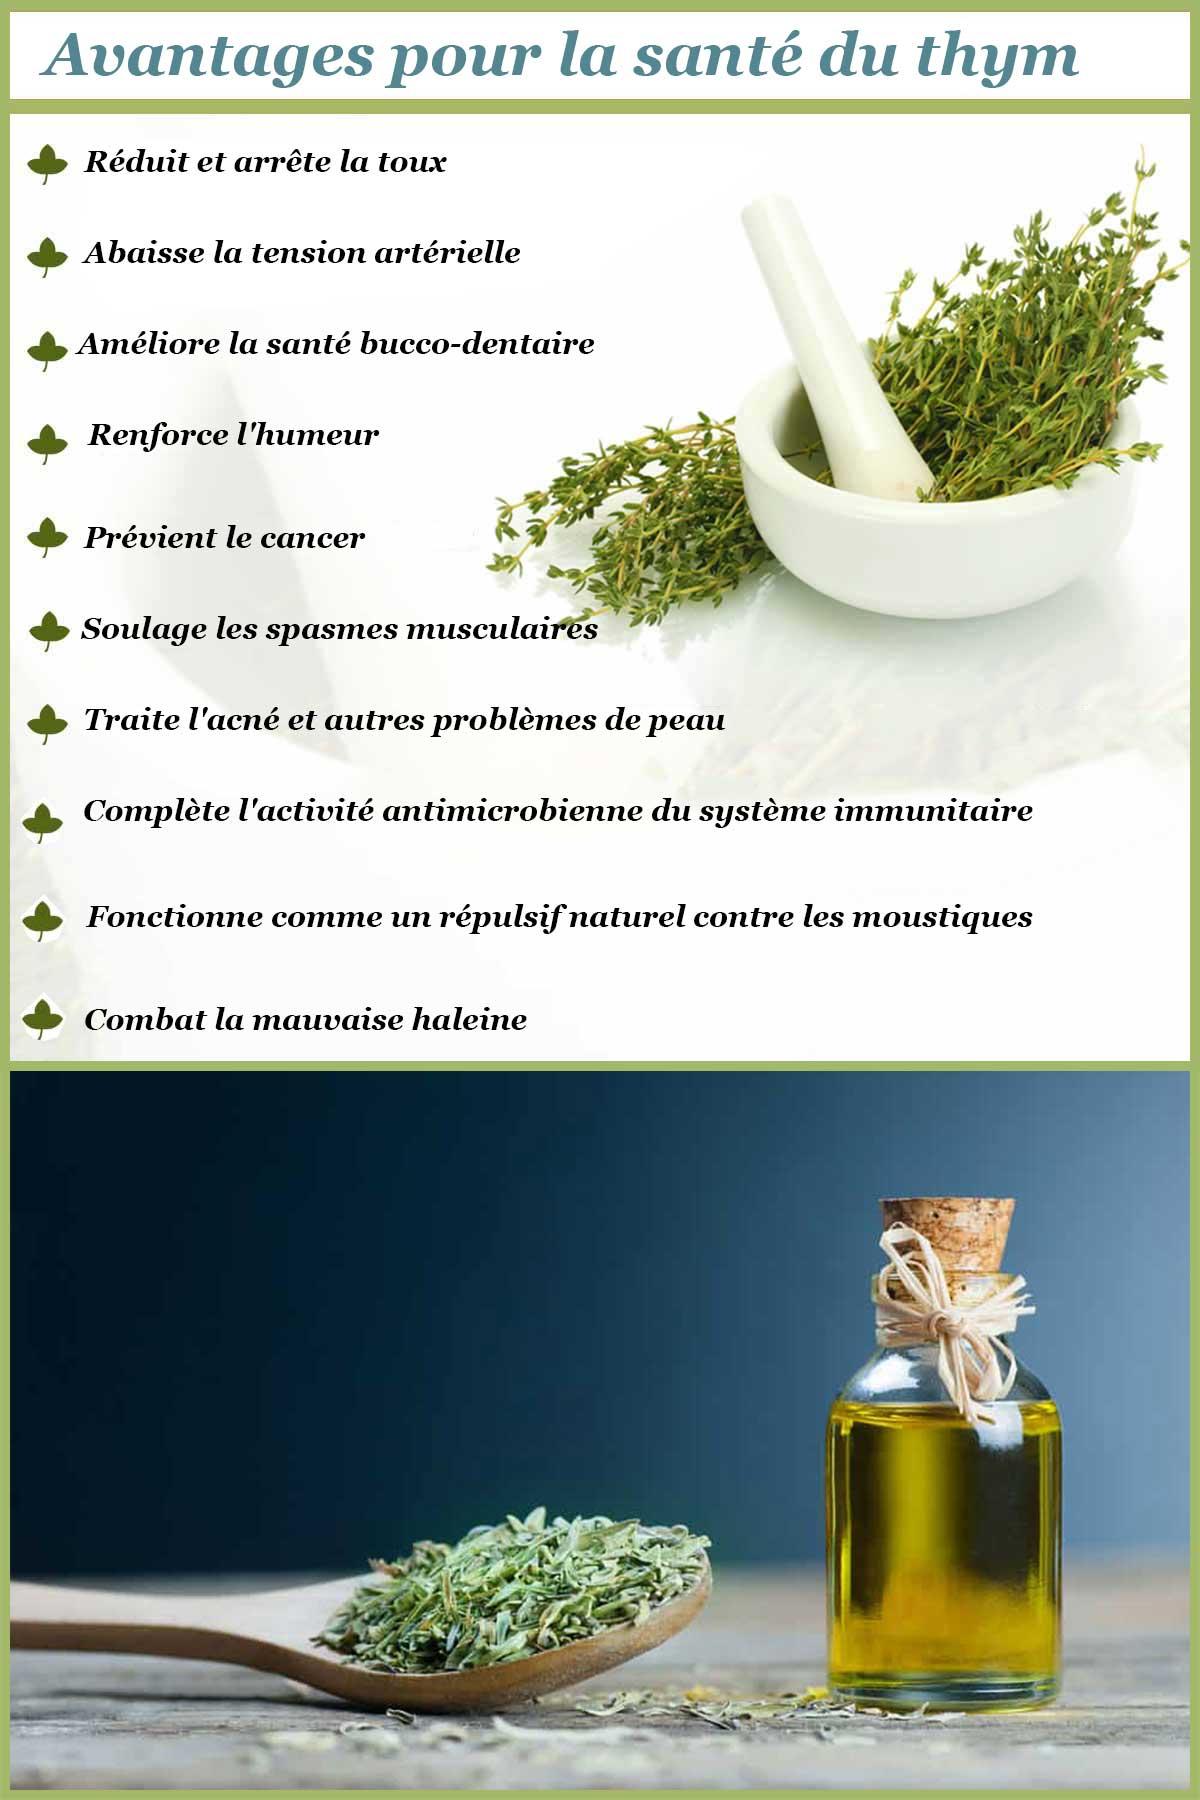 Avantages pour la santé du thym